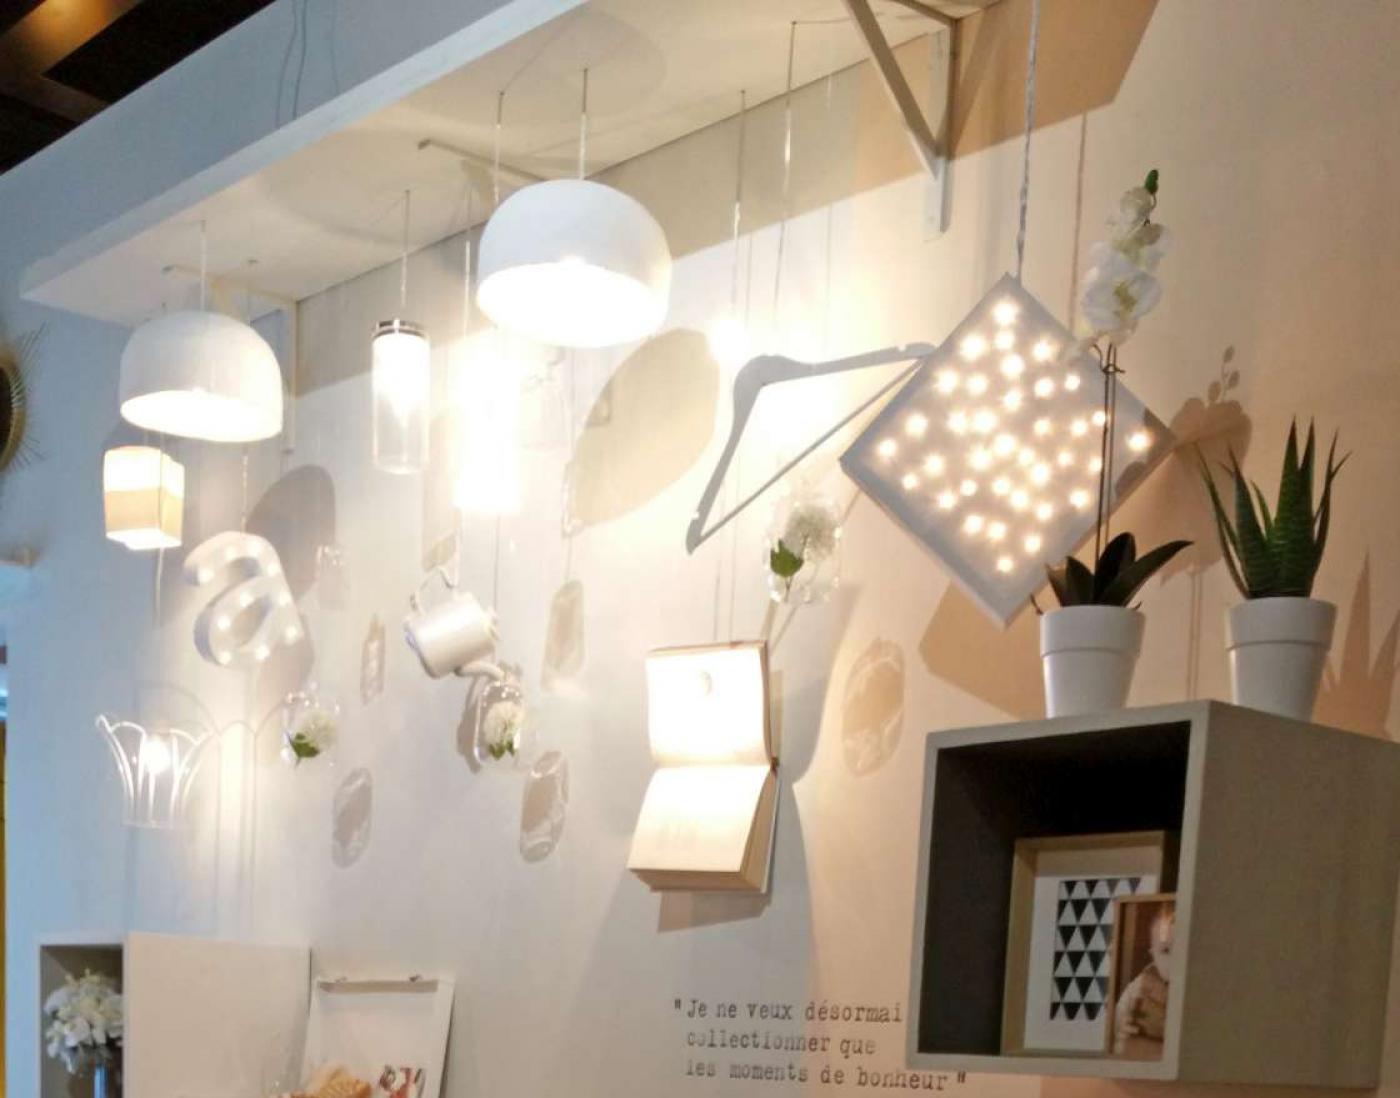 Mon astuce déco : Donnez de la lumière à vos objets